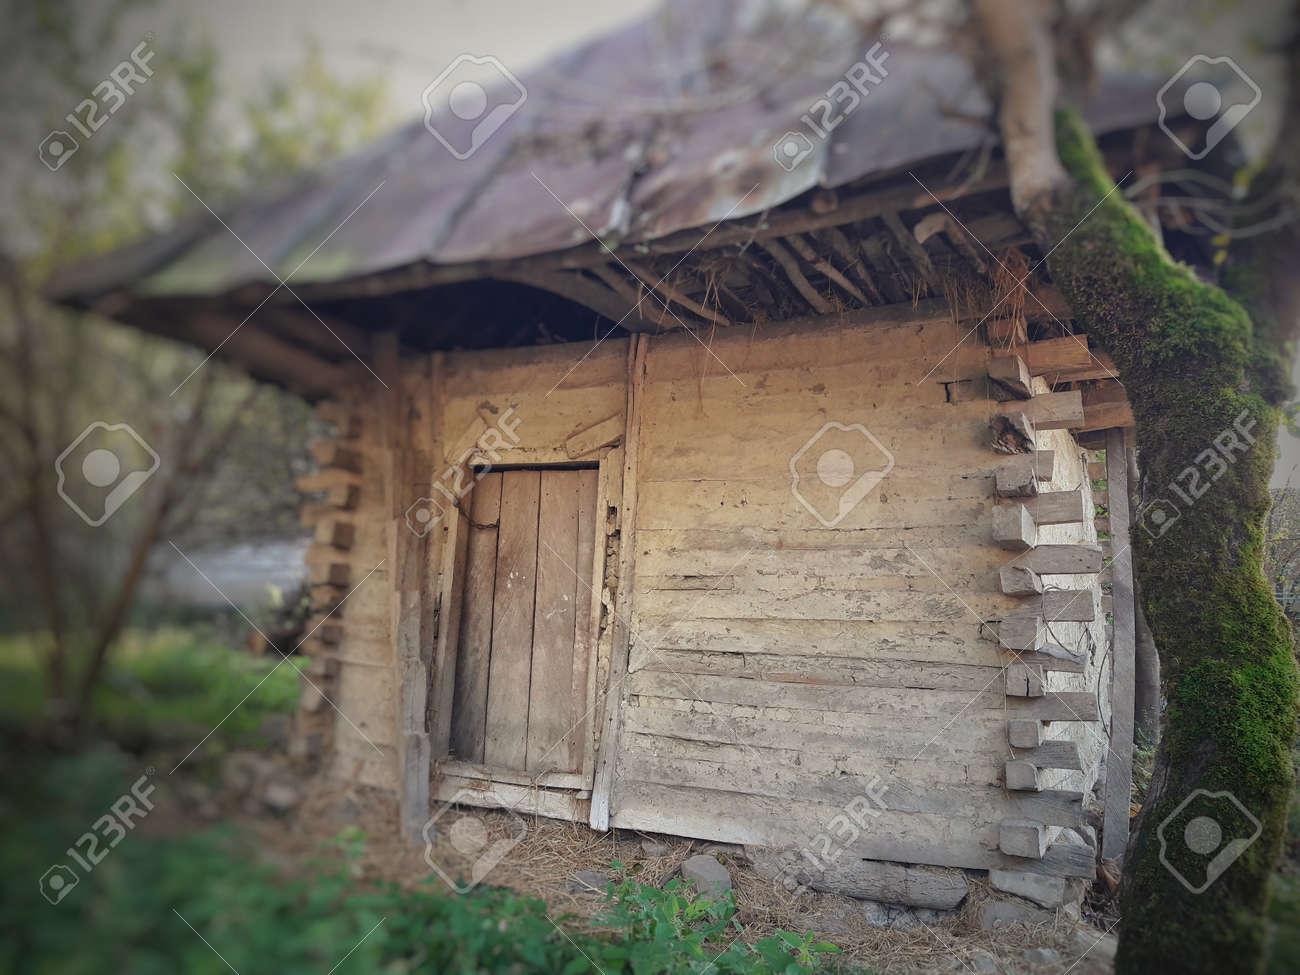 Altes Bauernhaus Landhaus Lizenzfreie Fotos Bilder Und Stock Fotografie Image 98796415